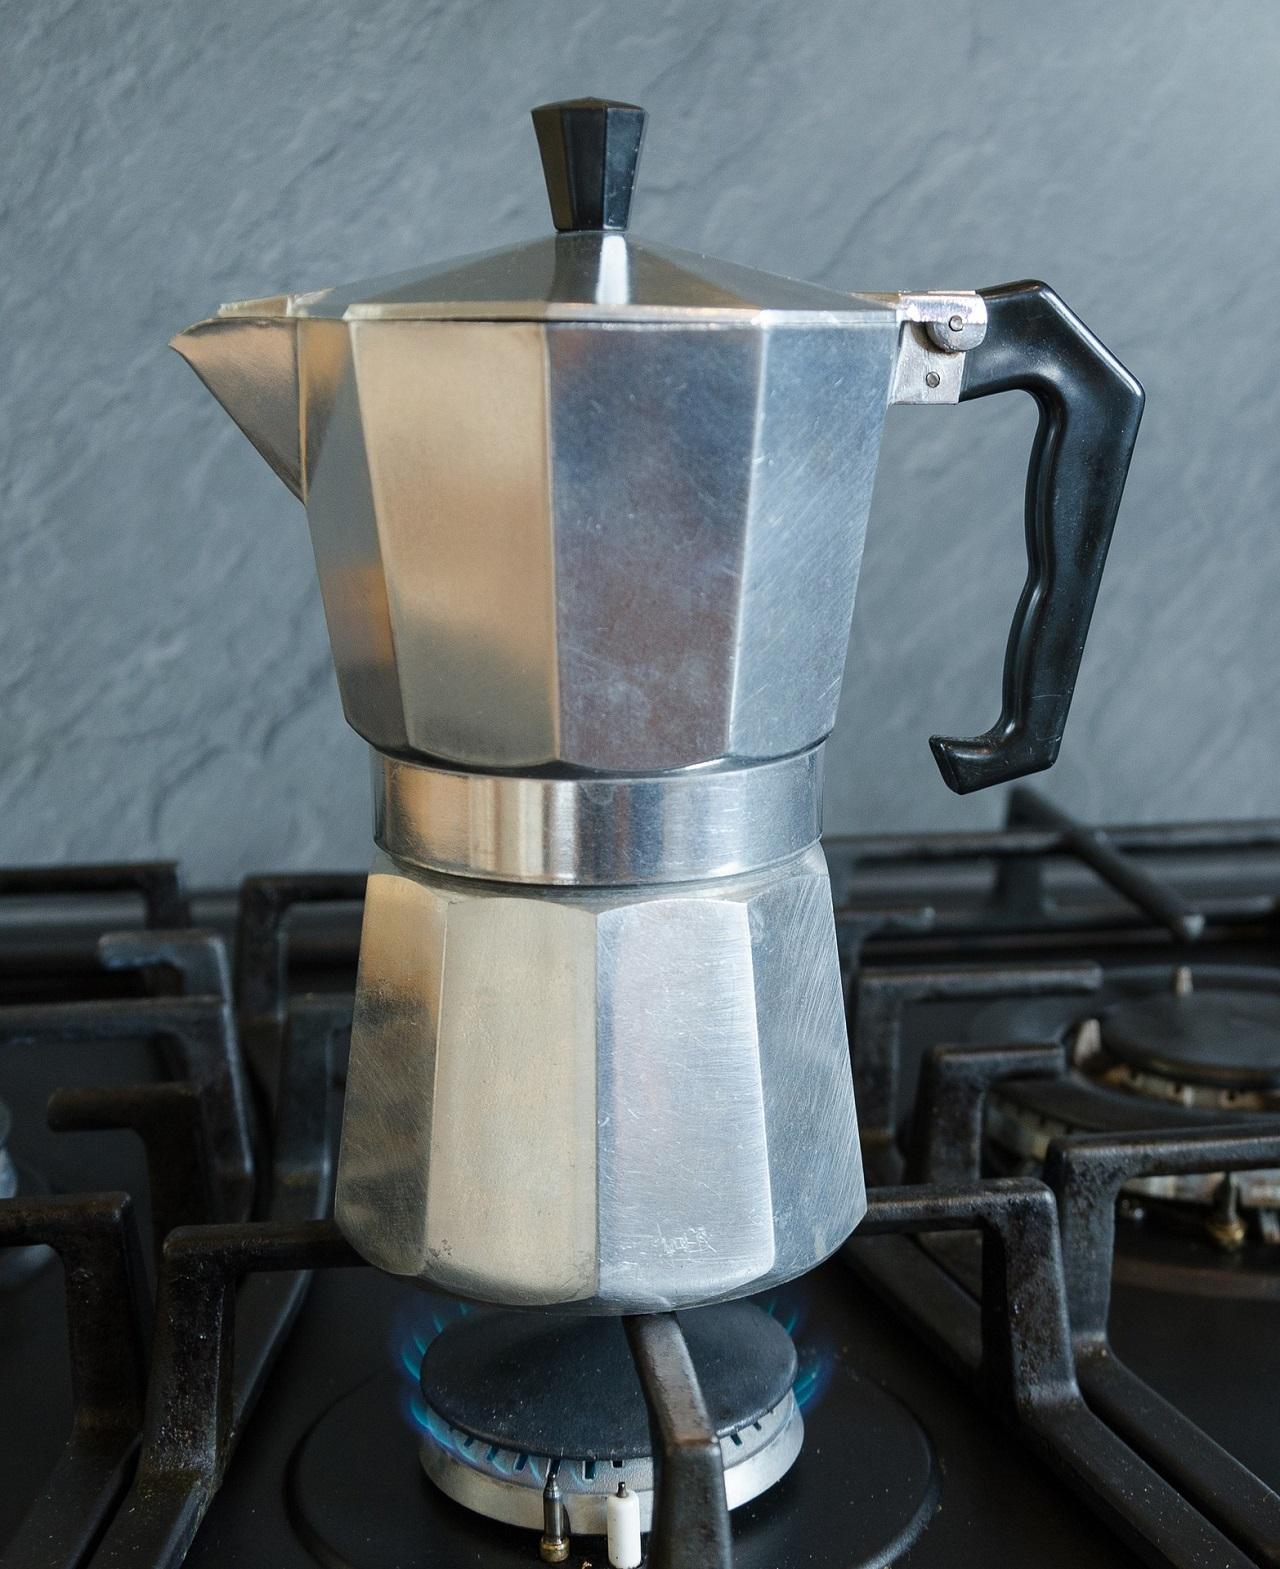 Der Aufbau eines Espressokochers ist einfach aber genial.